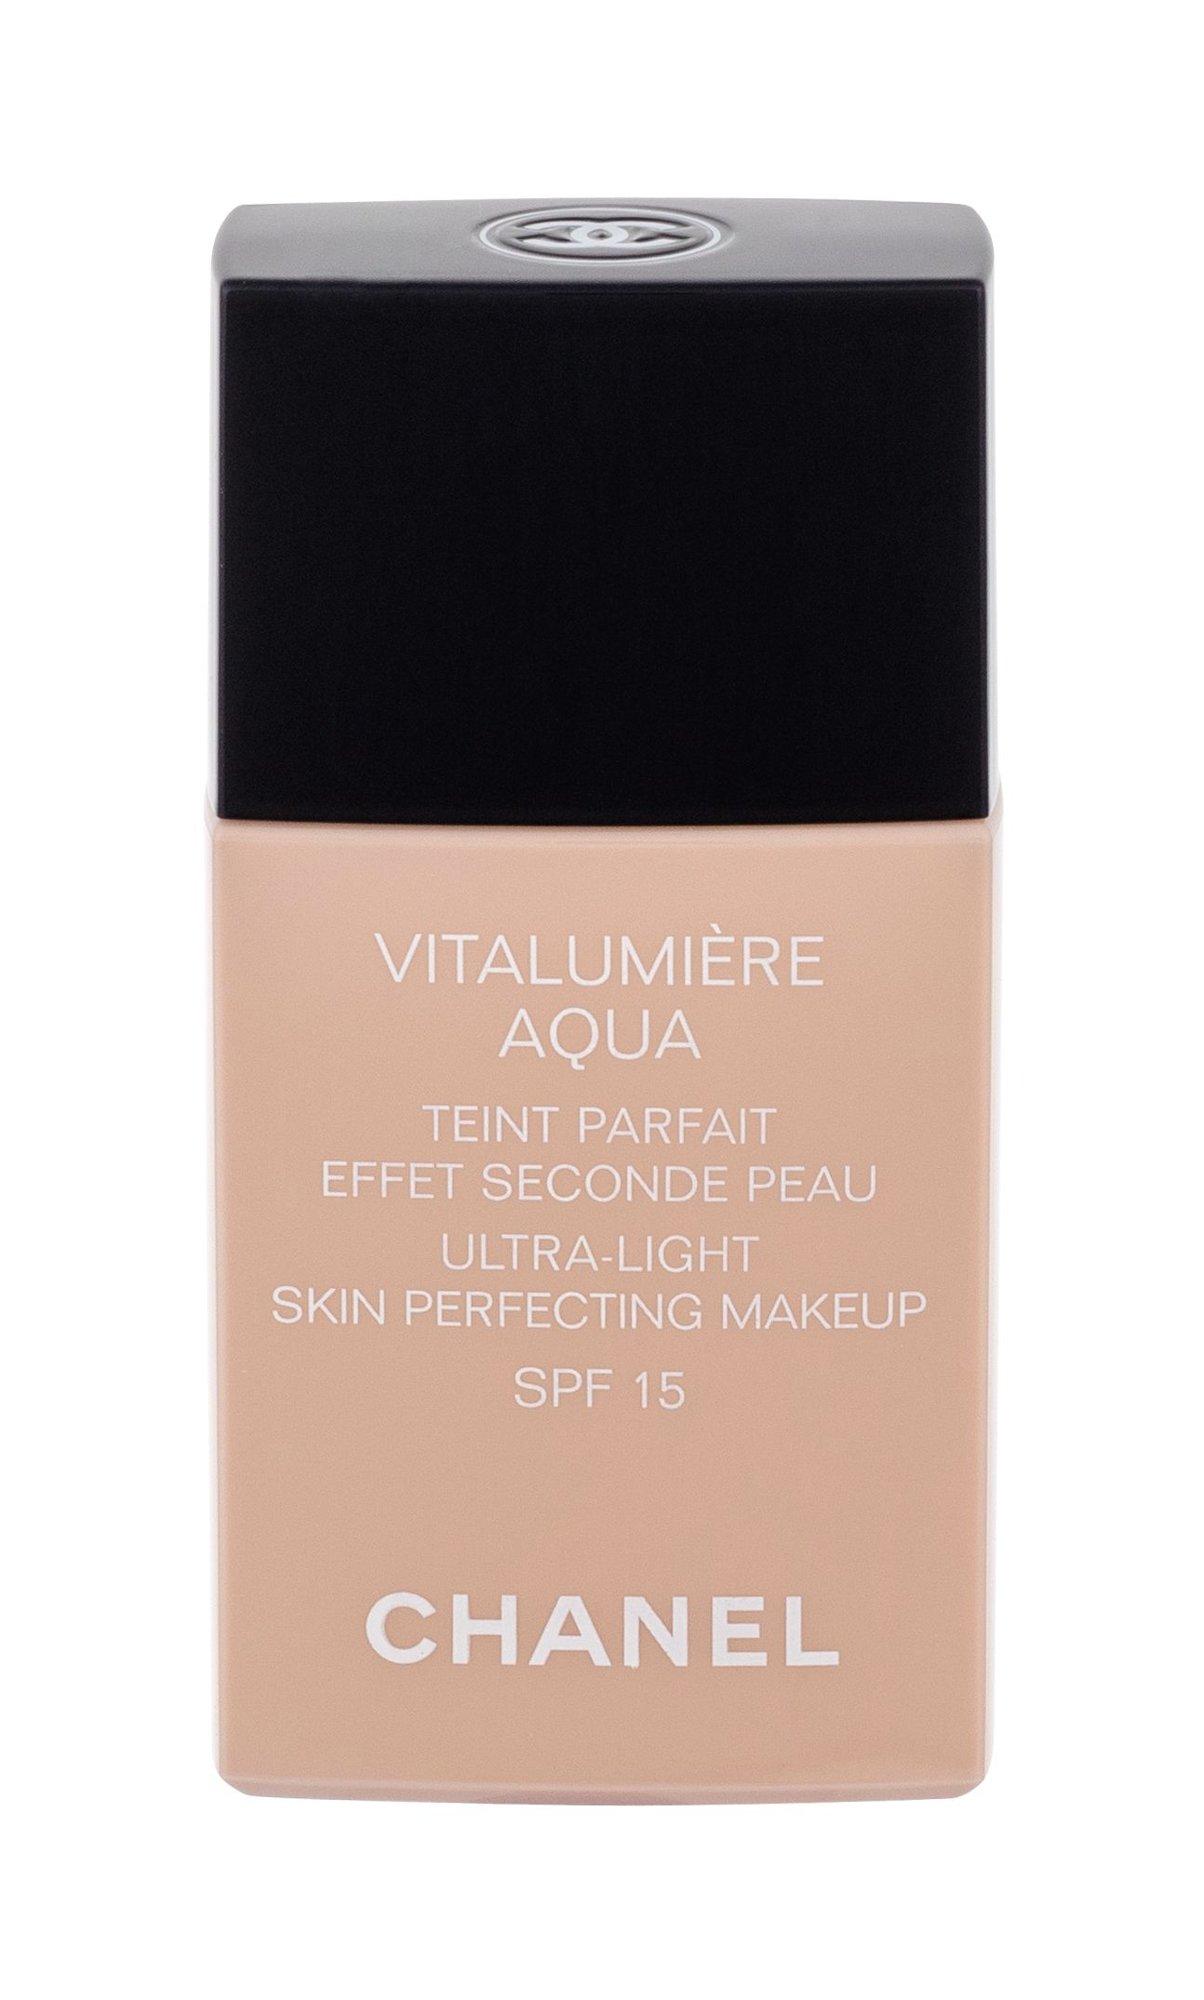 Chanel Vitalumiere Aqua Makeup 30ml 12 Beige Rosé SPF15